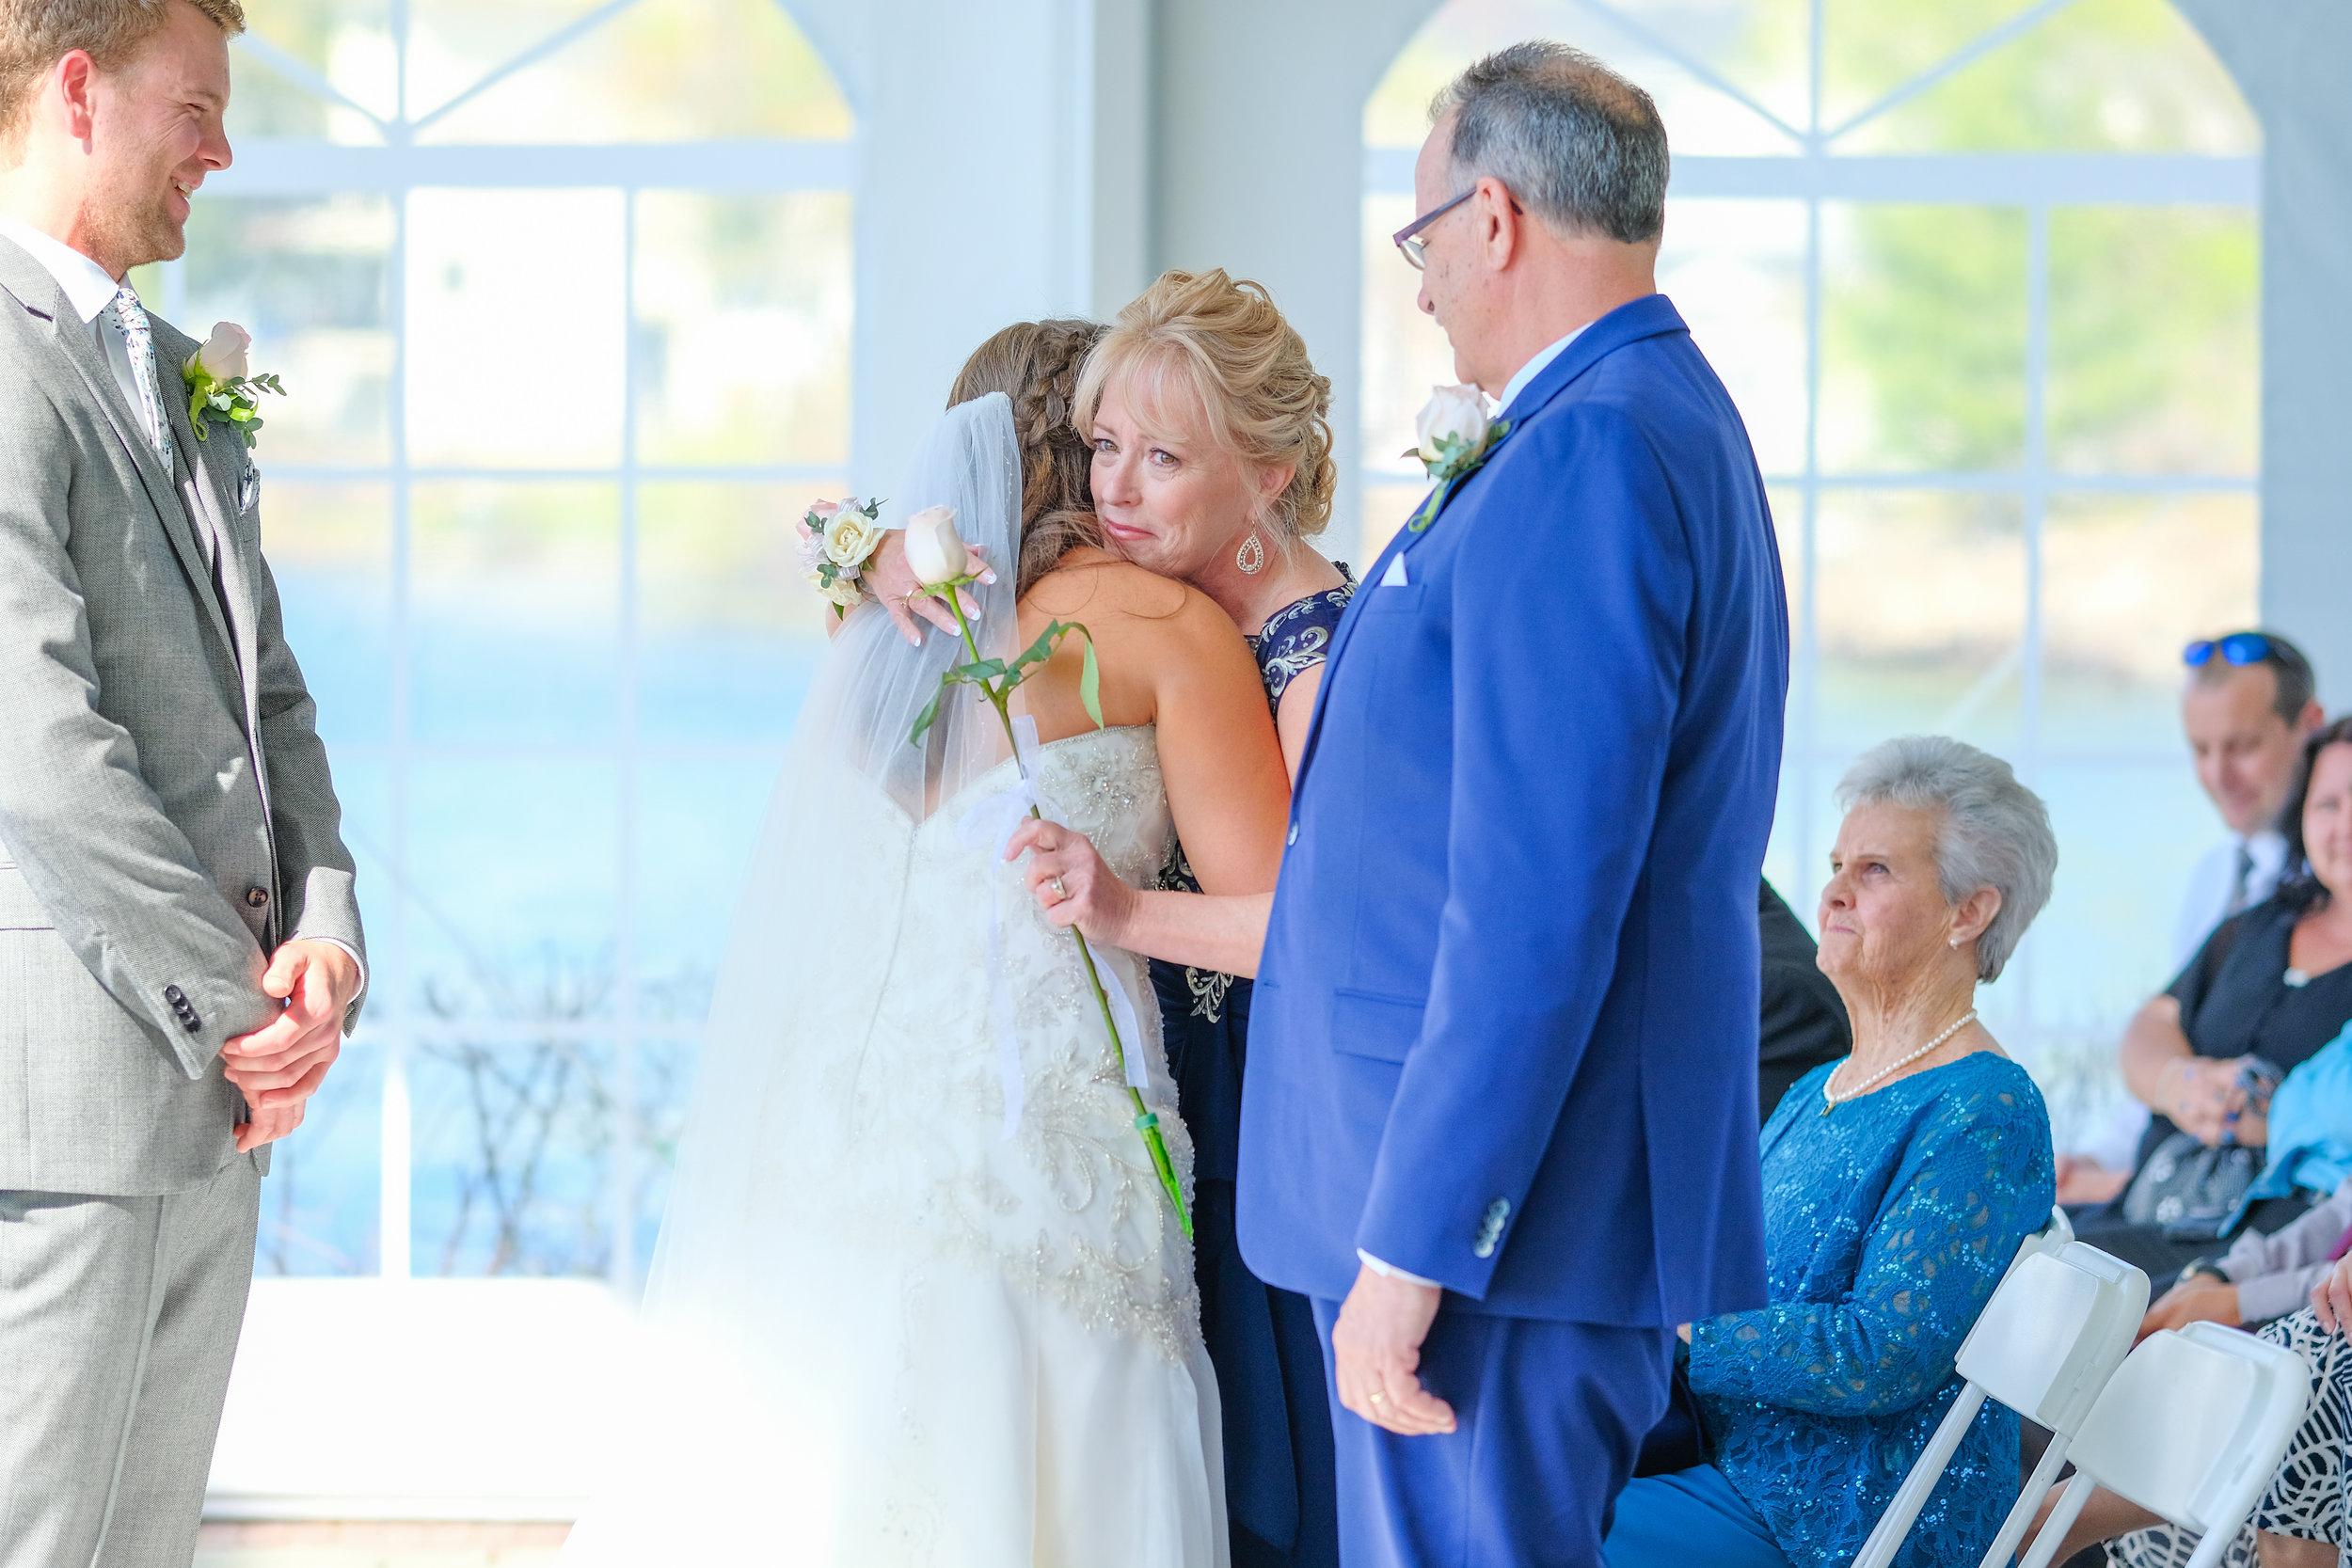 laconia-margate-wedding-photography-281.jpg